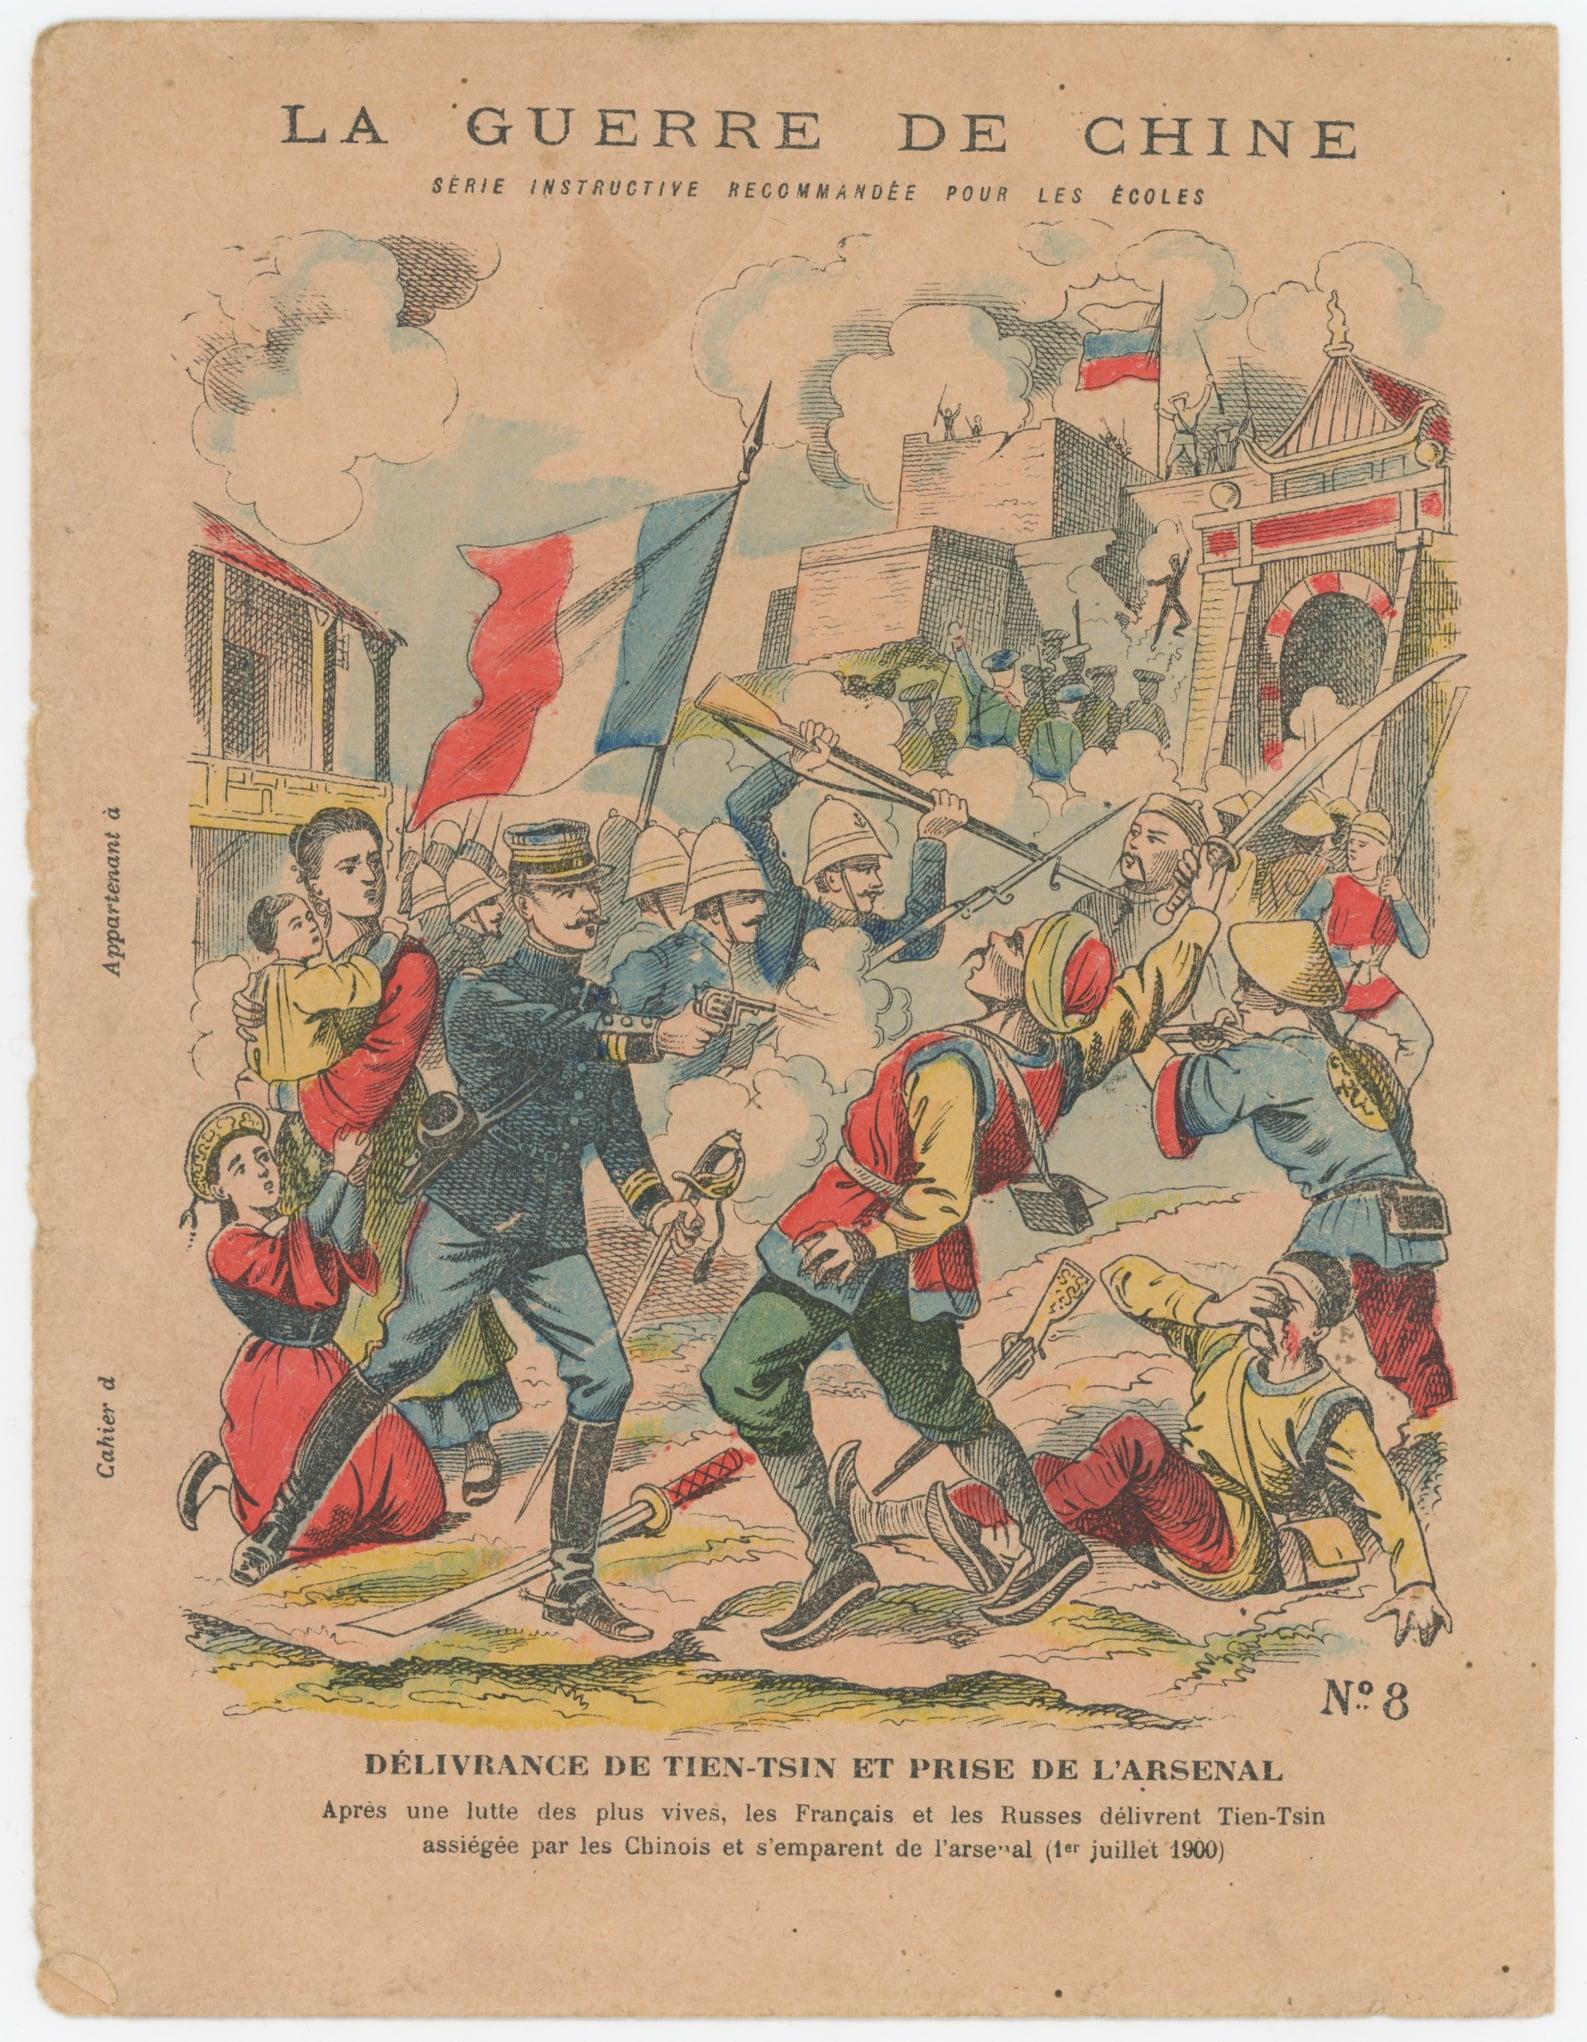 Petit Protège Cahier Scolaire Histoire de France - XIX illustration - Le Drapeau Français - La Guerre en Chine 1900 - Marsouins à l'attaque - Tien-Tsin.